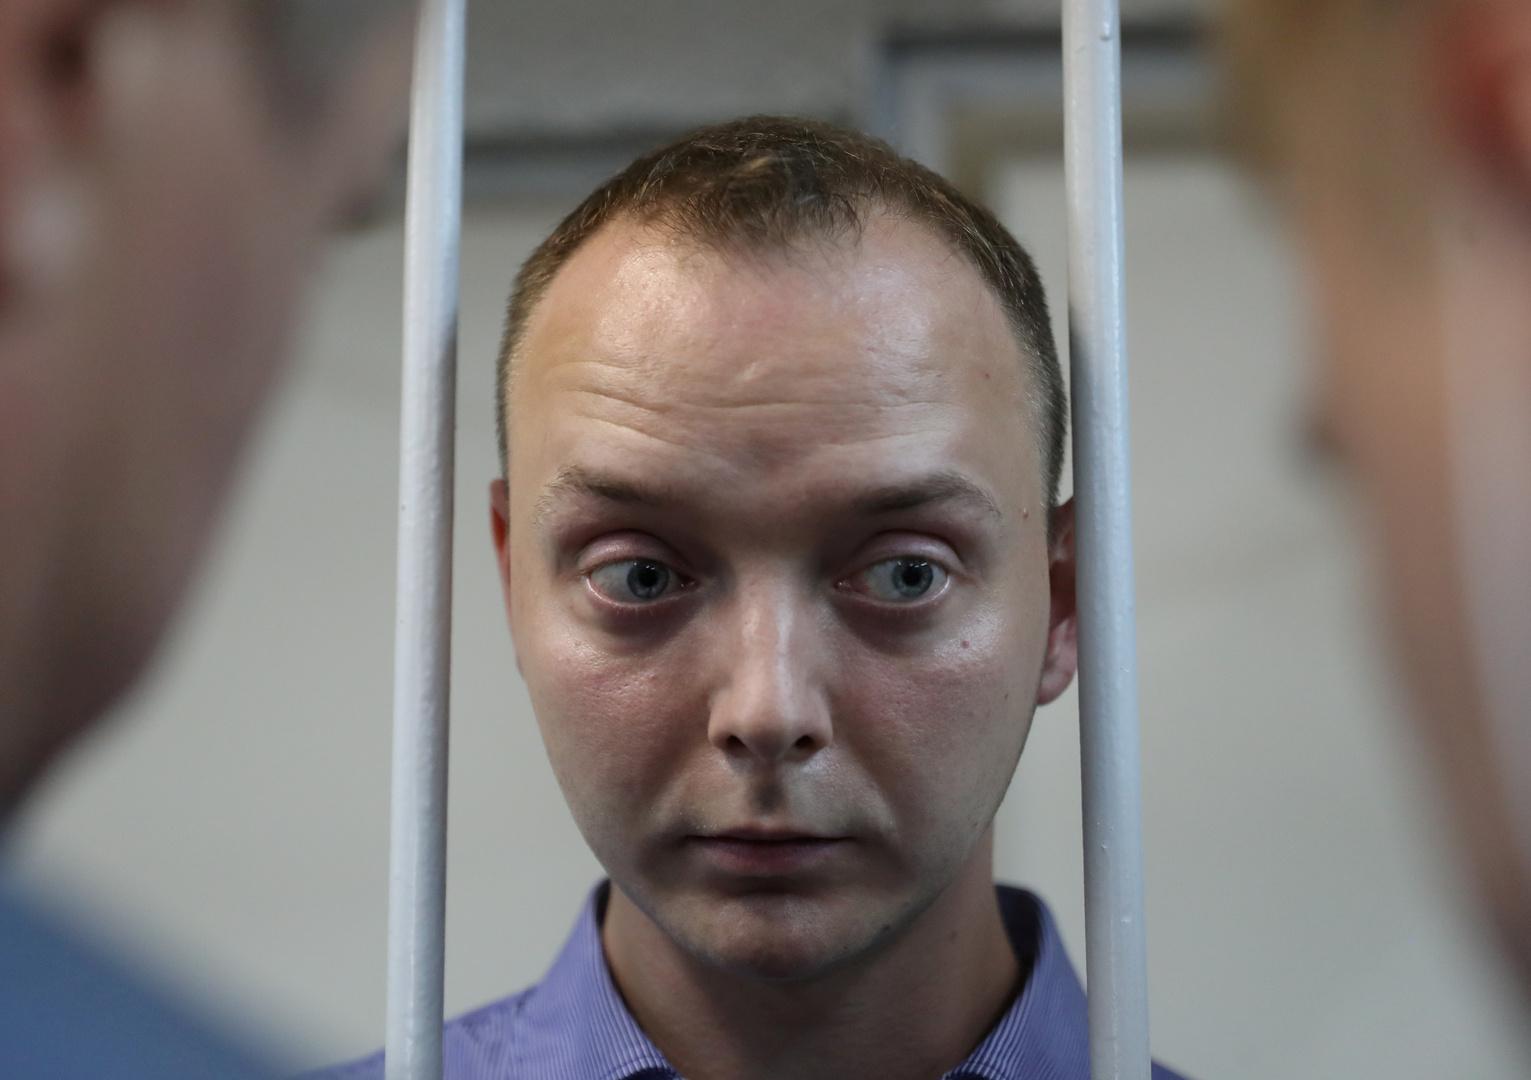 مستشار رئيس وكالة الفضاء الاتحادية الروسية إيفان سافرونوف